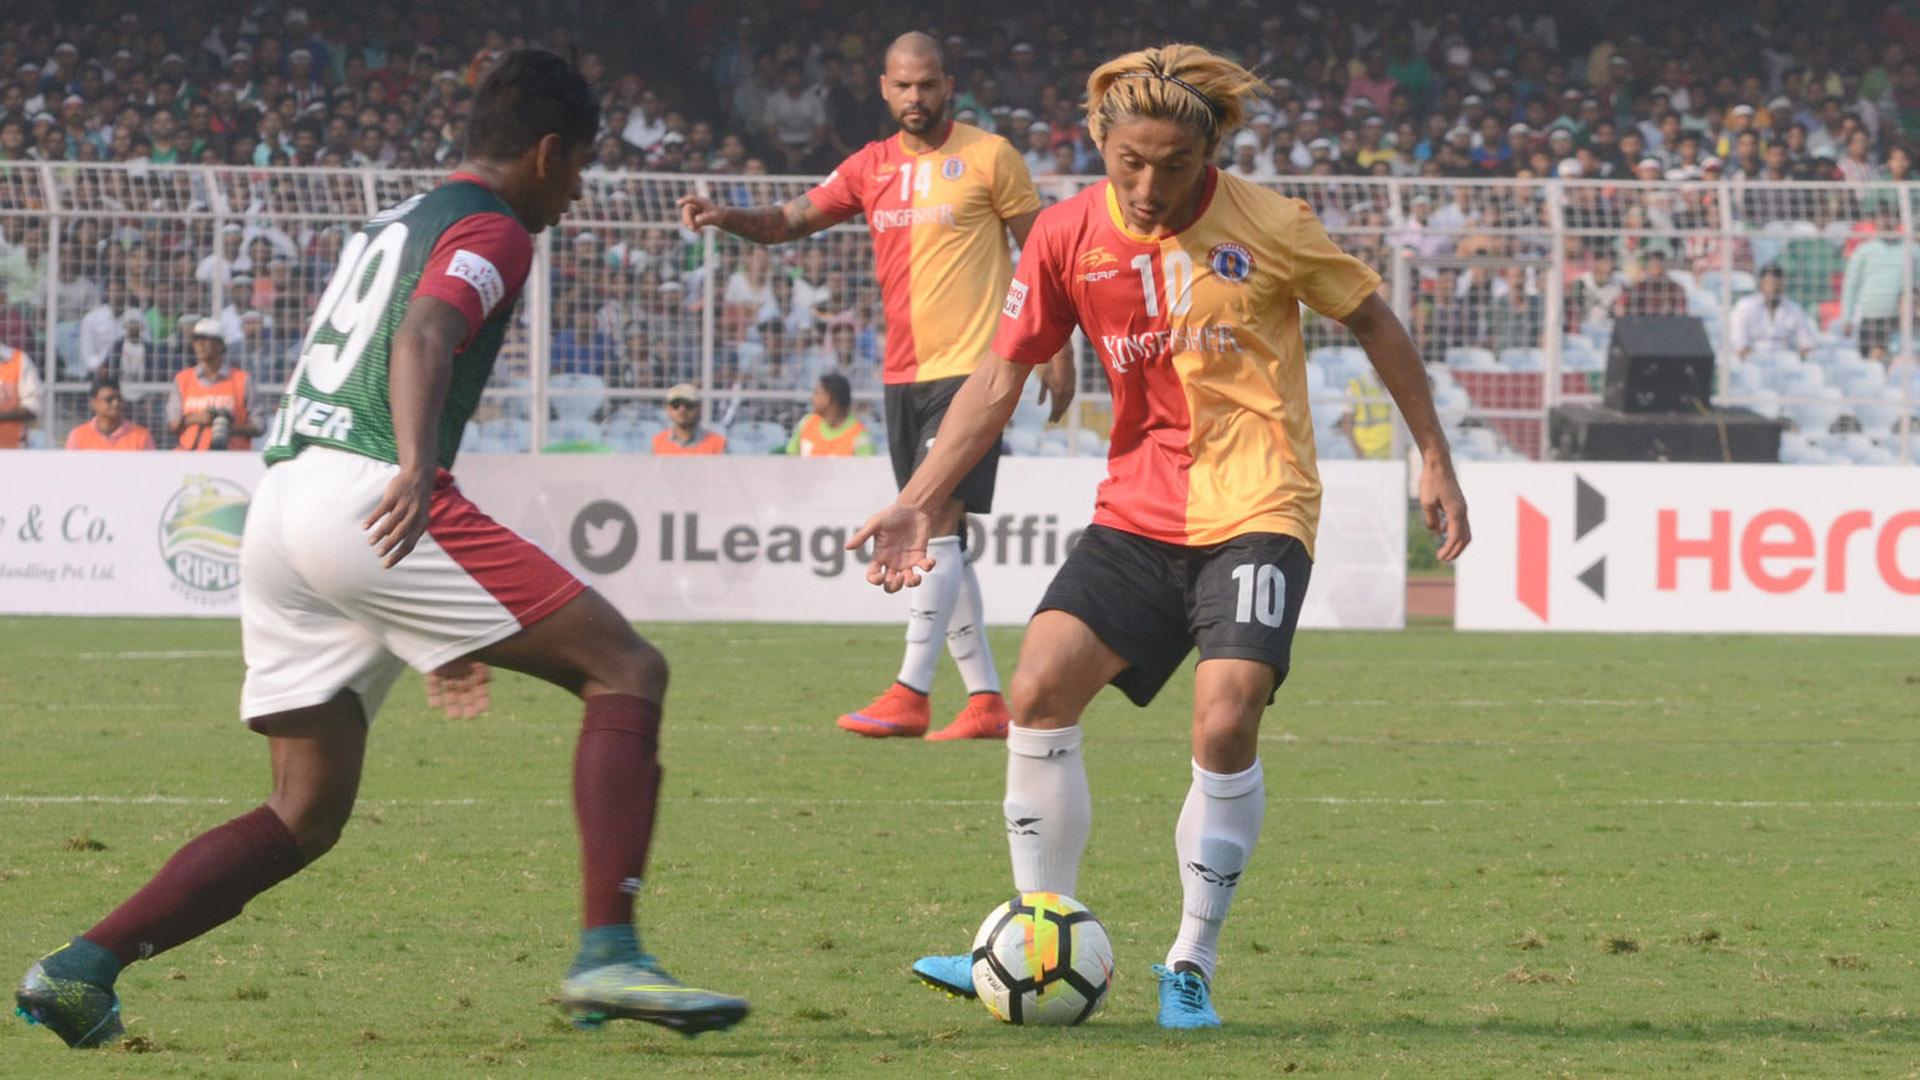 I-League 2017 LIVE: East Bengal vs Shillong Lajong